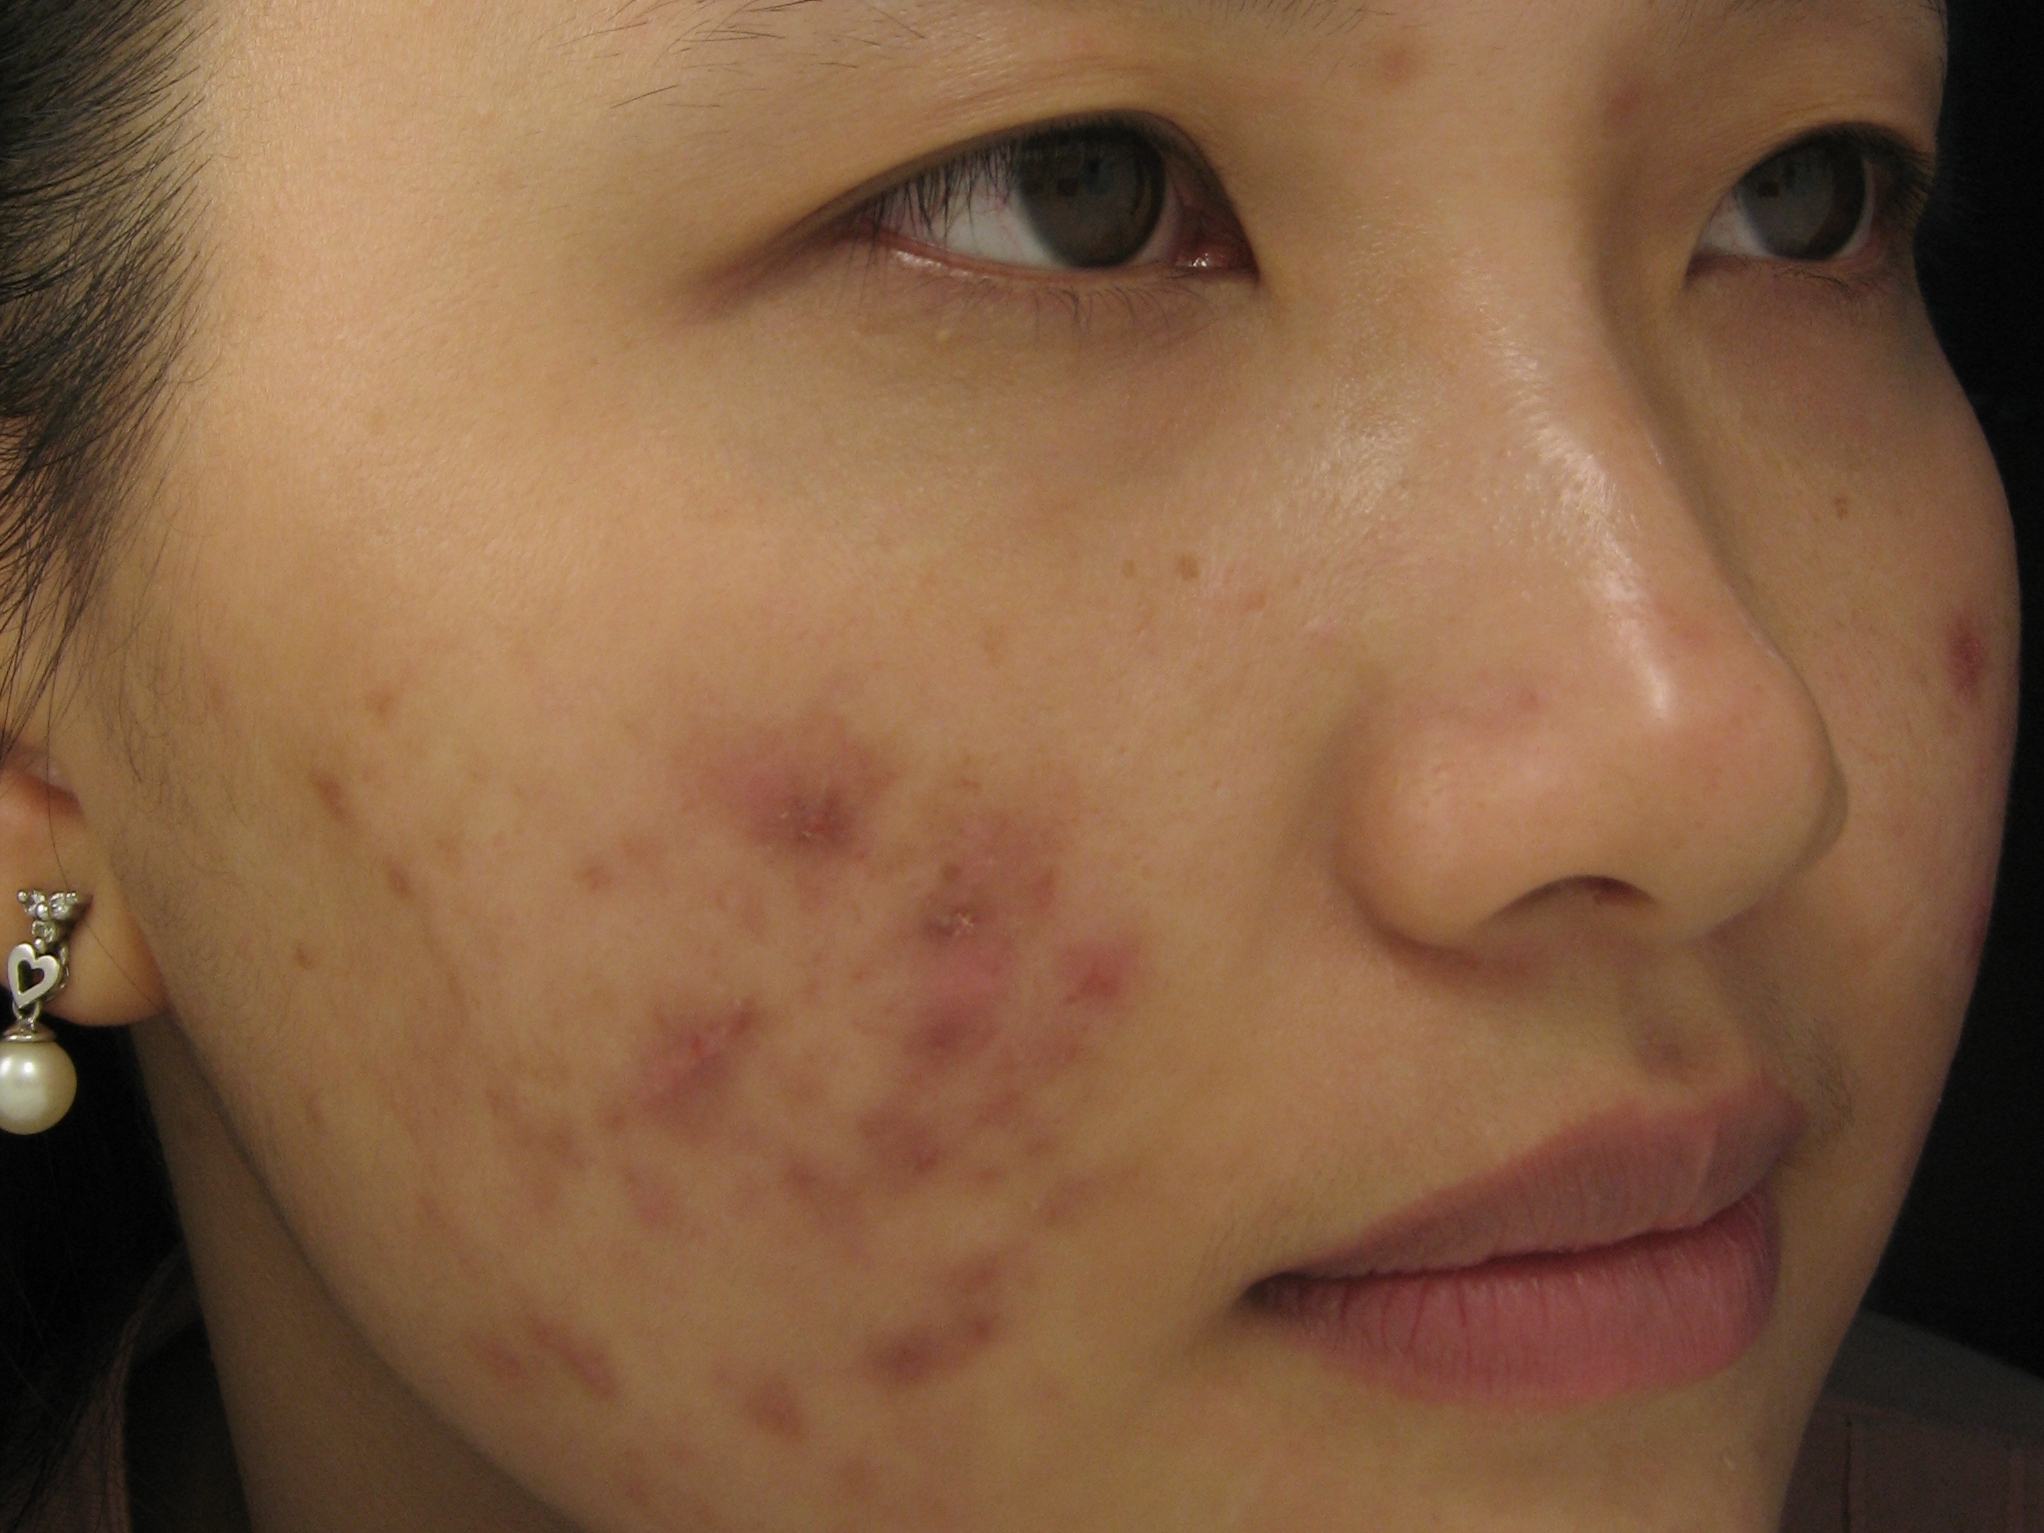 Khám phá mặt nạ trị sẹo mụn mang hiệu quả tuyệt vời 1